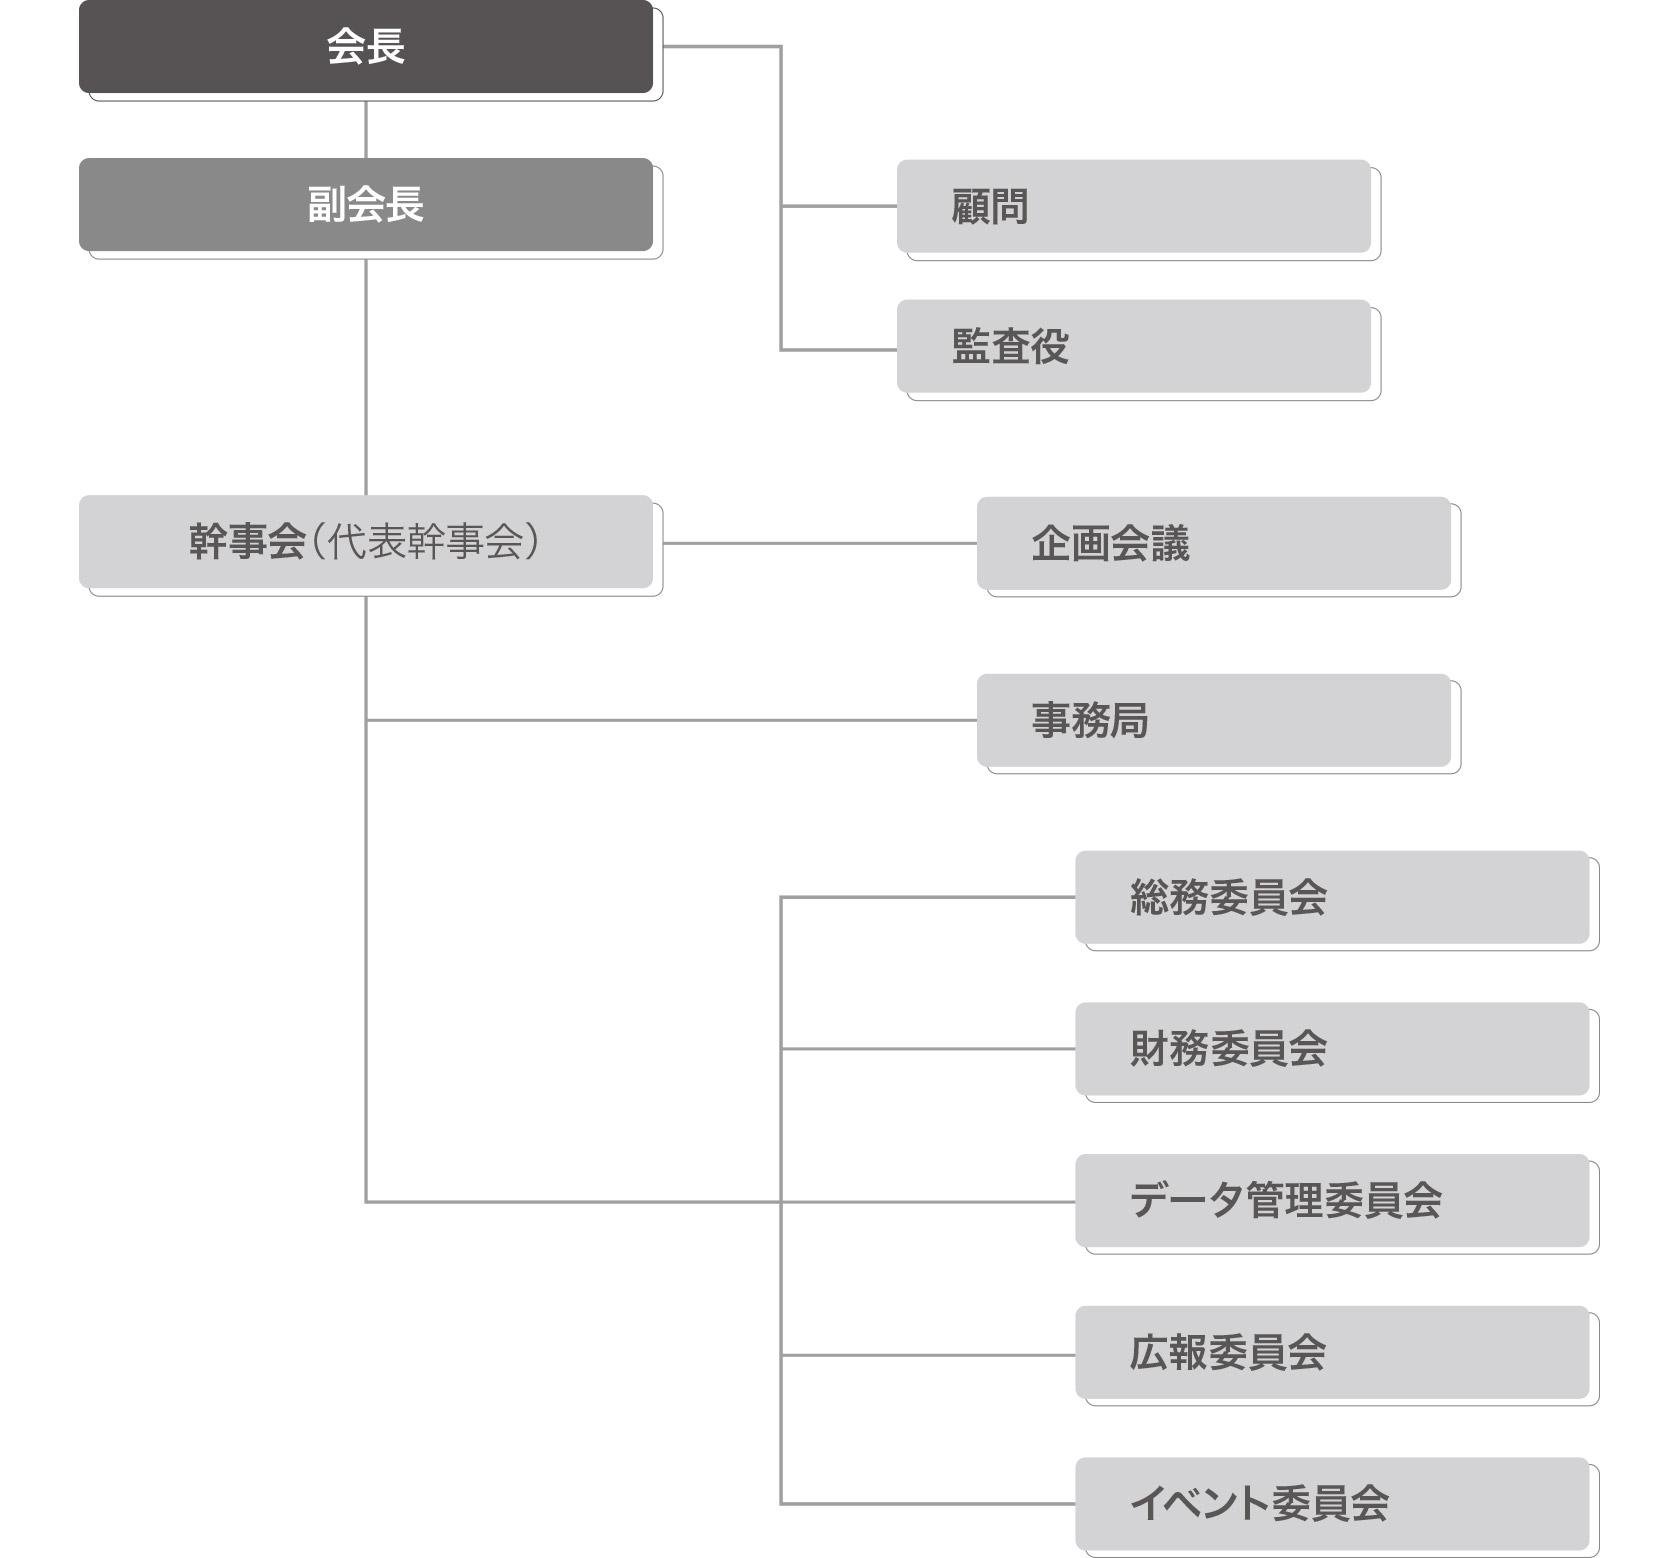 組織体系図